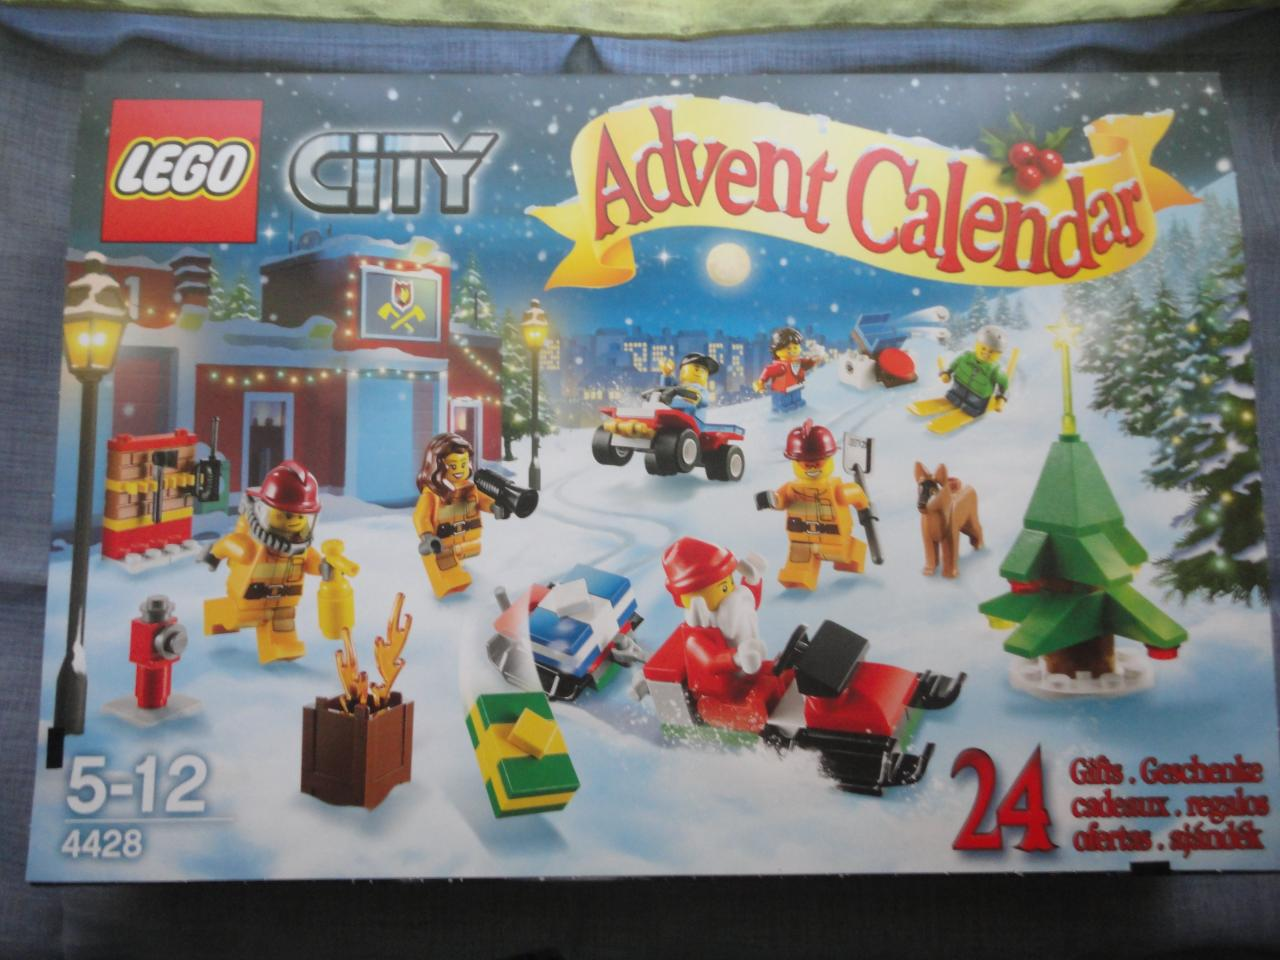 Calendrier City.4428 Calendrier City 2012